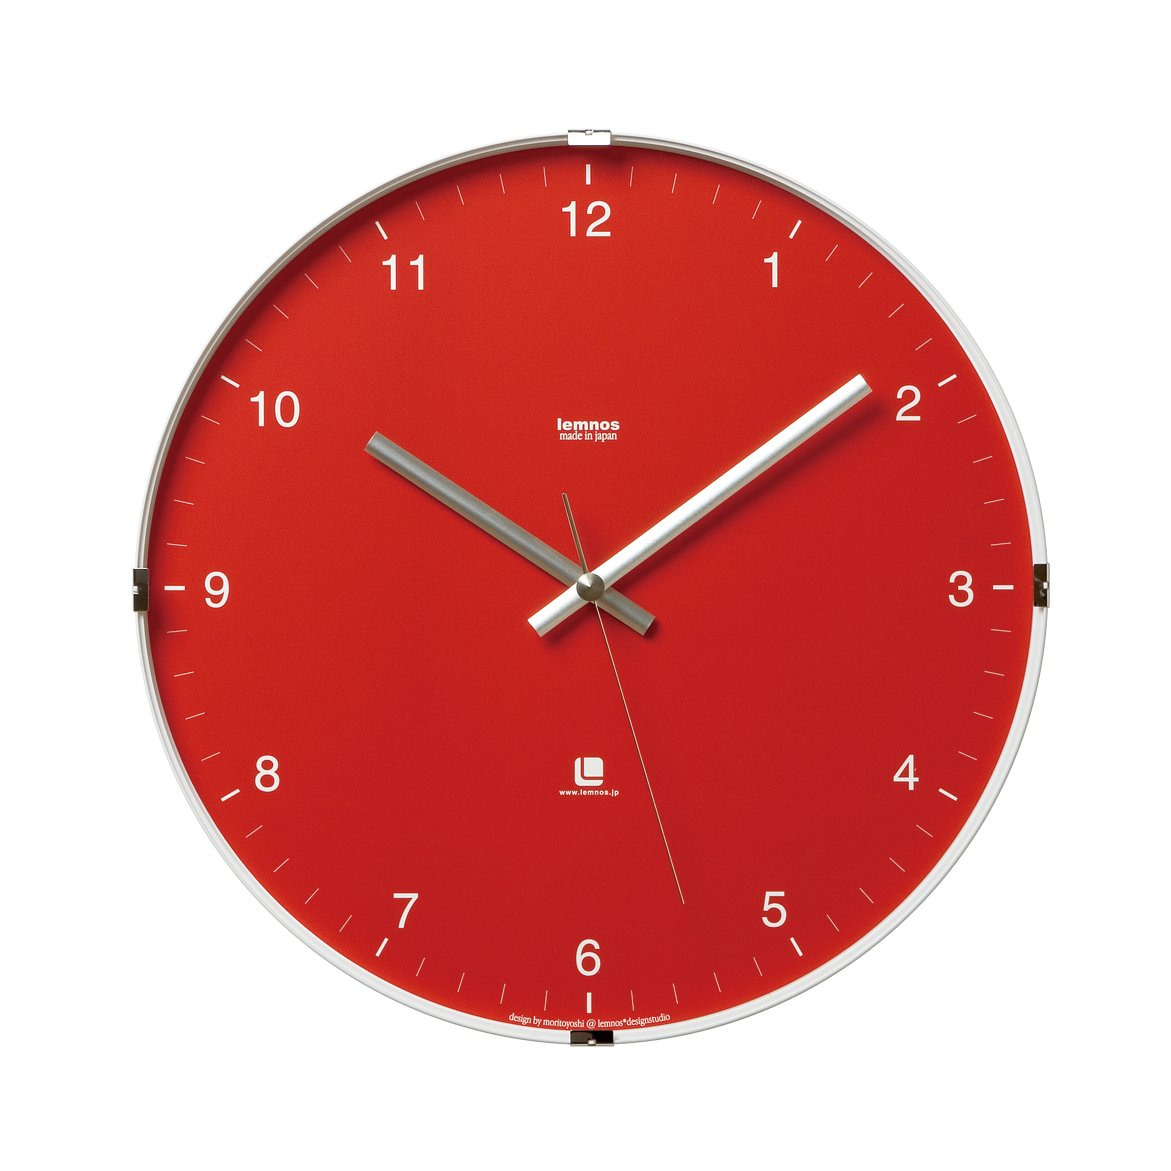 Lemnos North clock レッド T1-0117 RE B000OFYKK2レッド